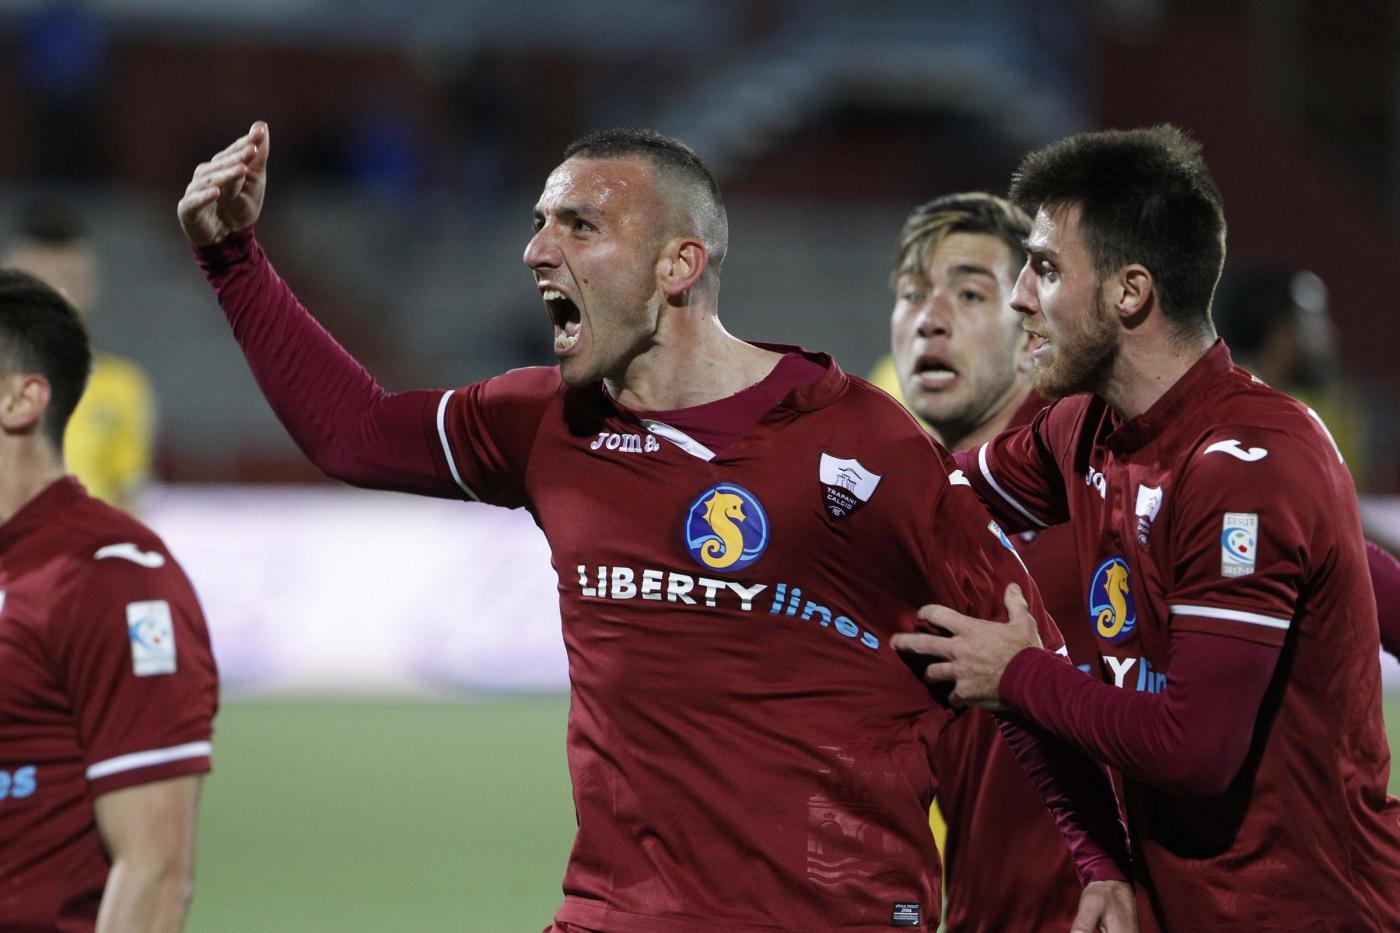 Trapani-Cosenza mercoledì 23 maggio, analisi e pronostico Serie C ritorno playoff